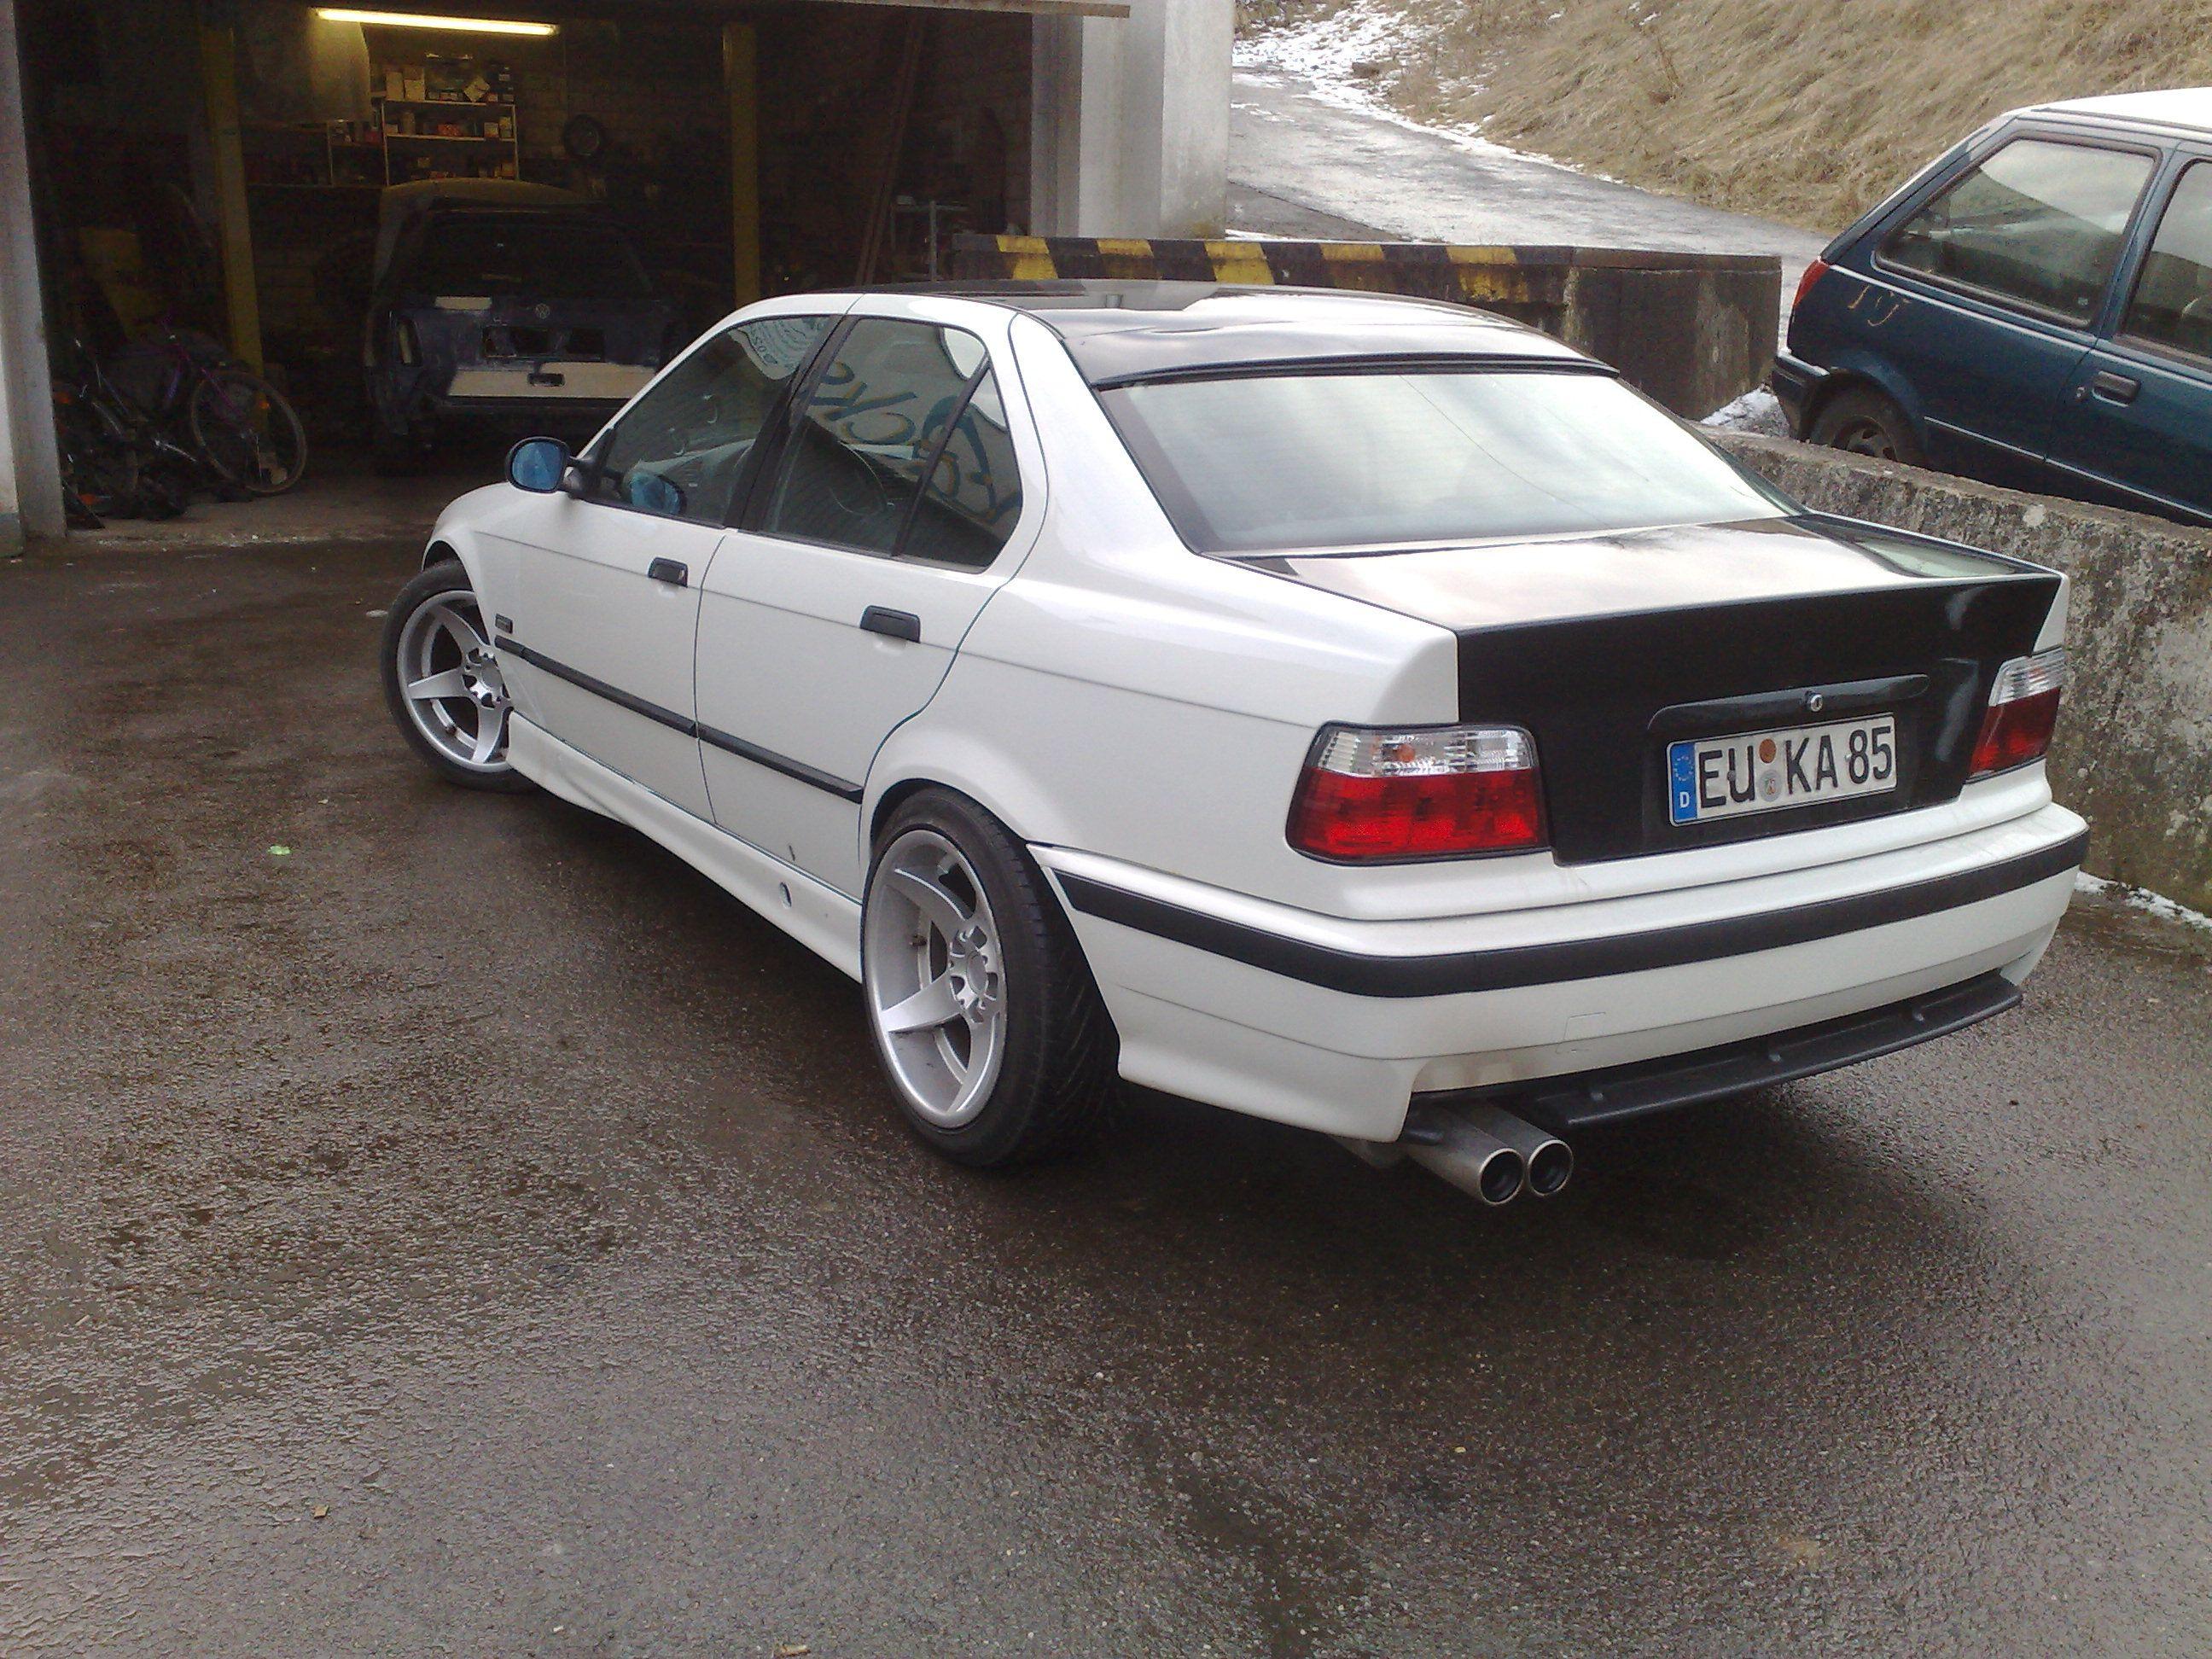 Auto BMW 3er e36 limosine pagenstecher Deine Automeile im Netz